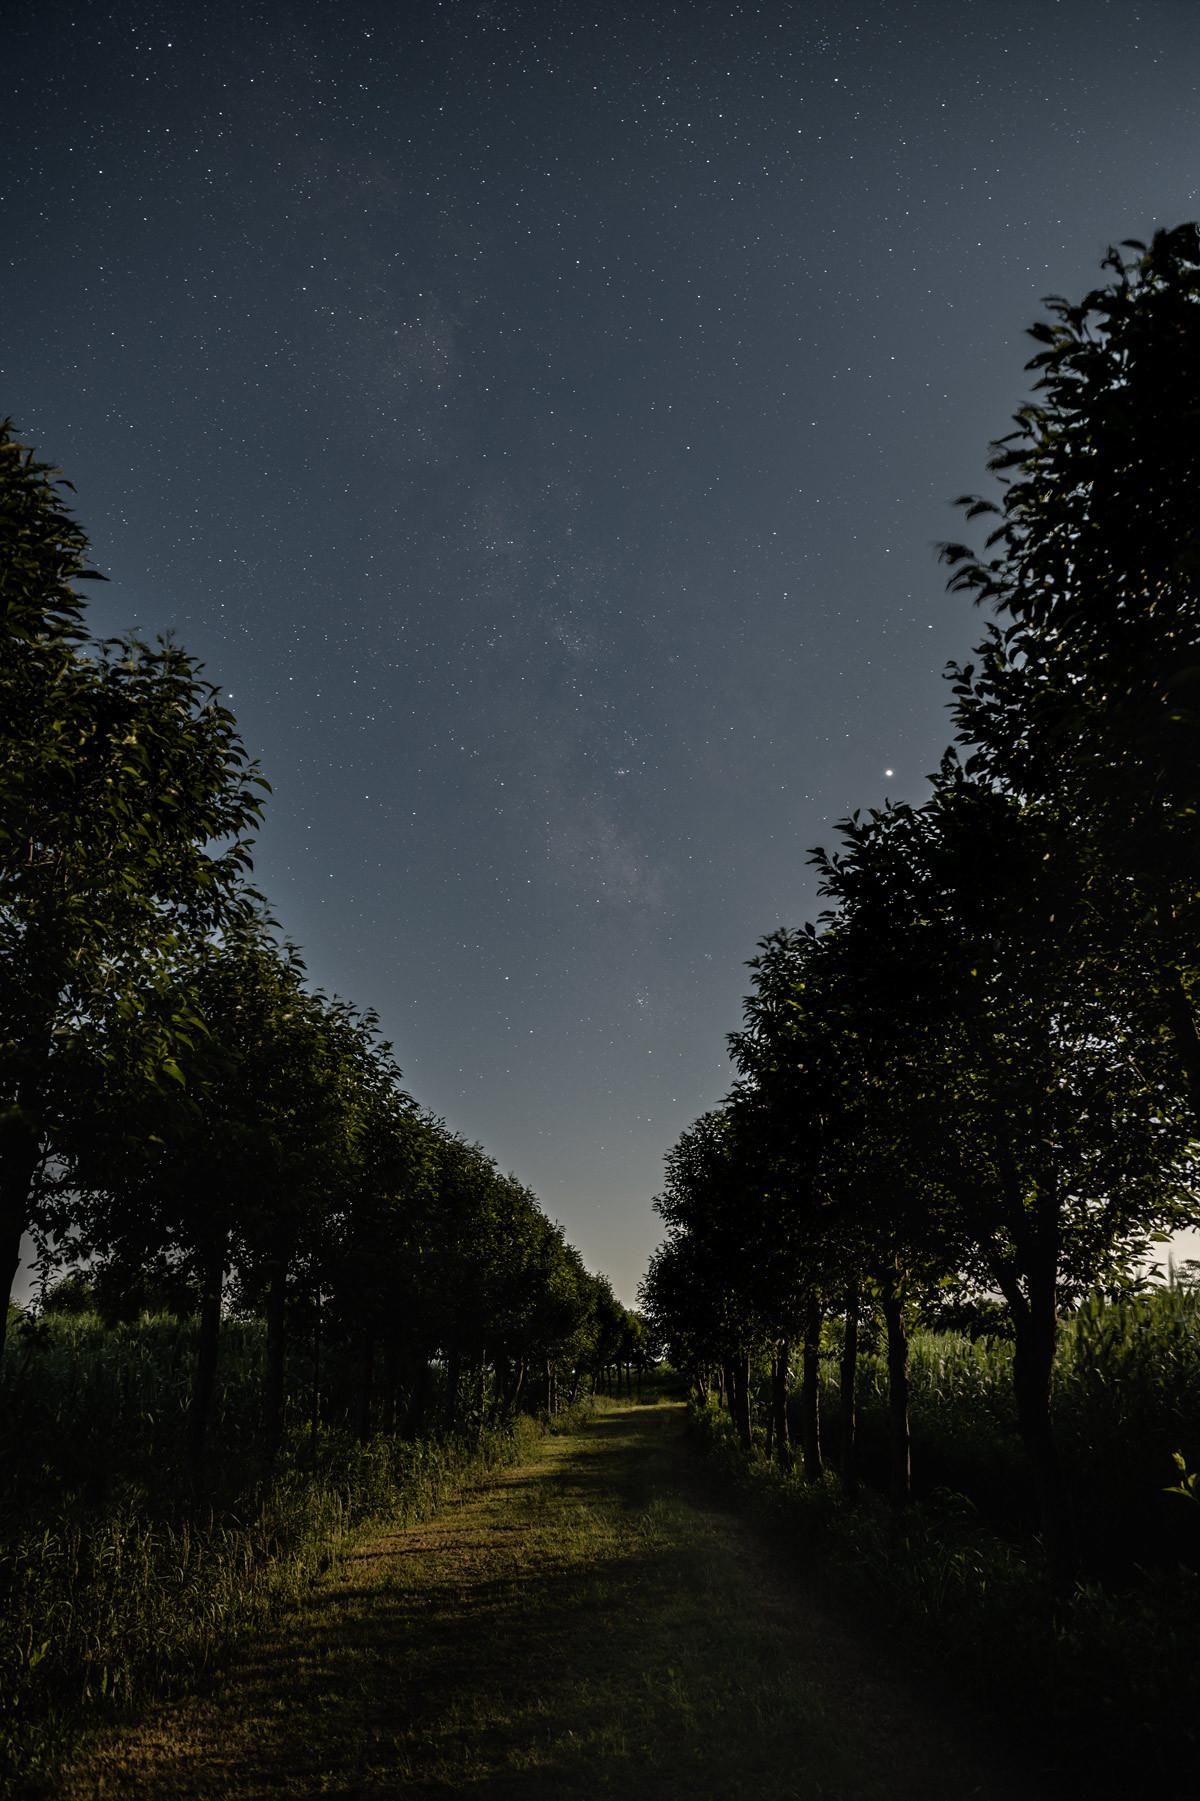 月明かりの中を徘徊す_a0041722_20414634.jpg